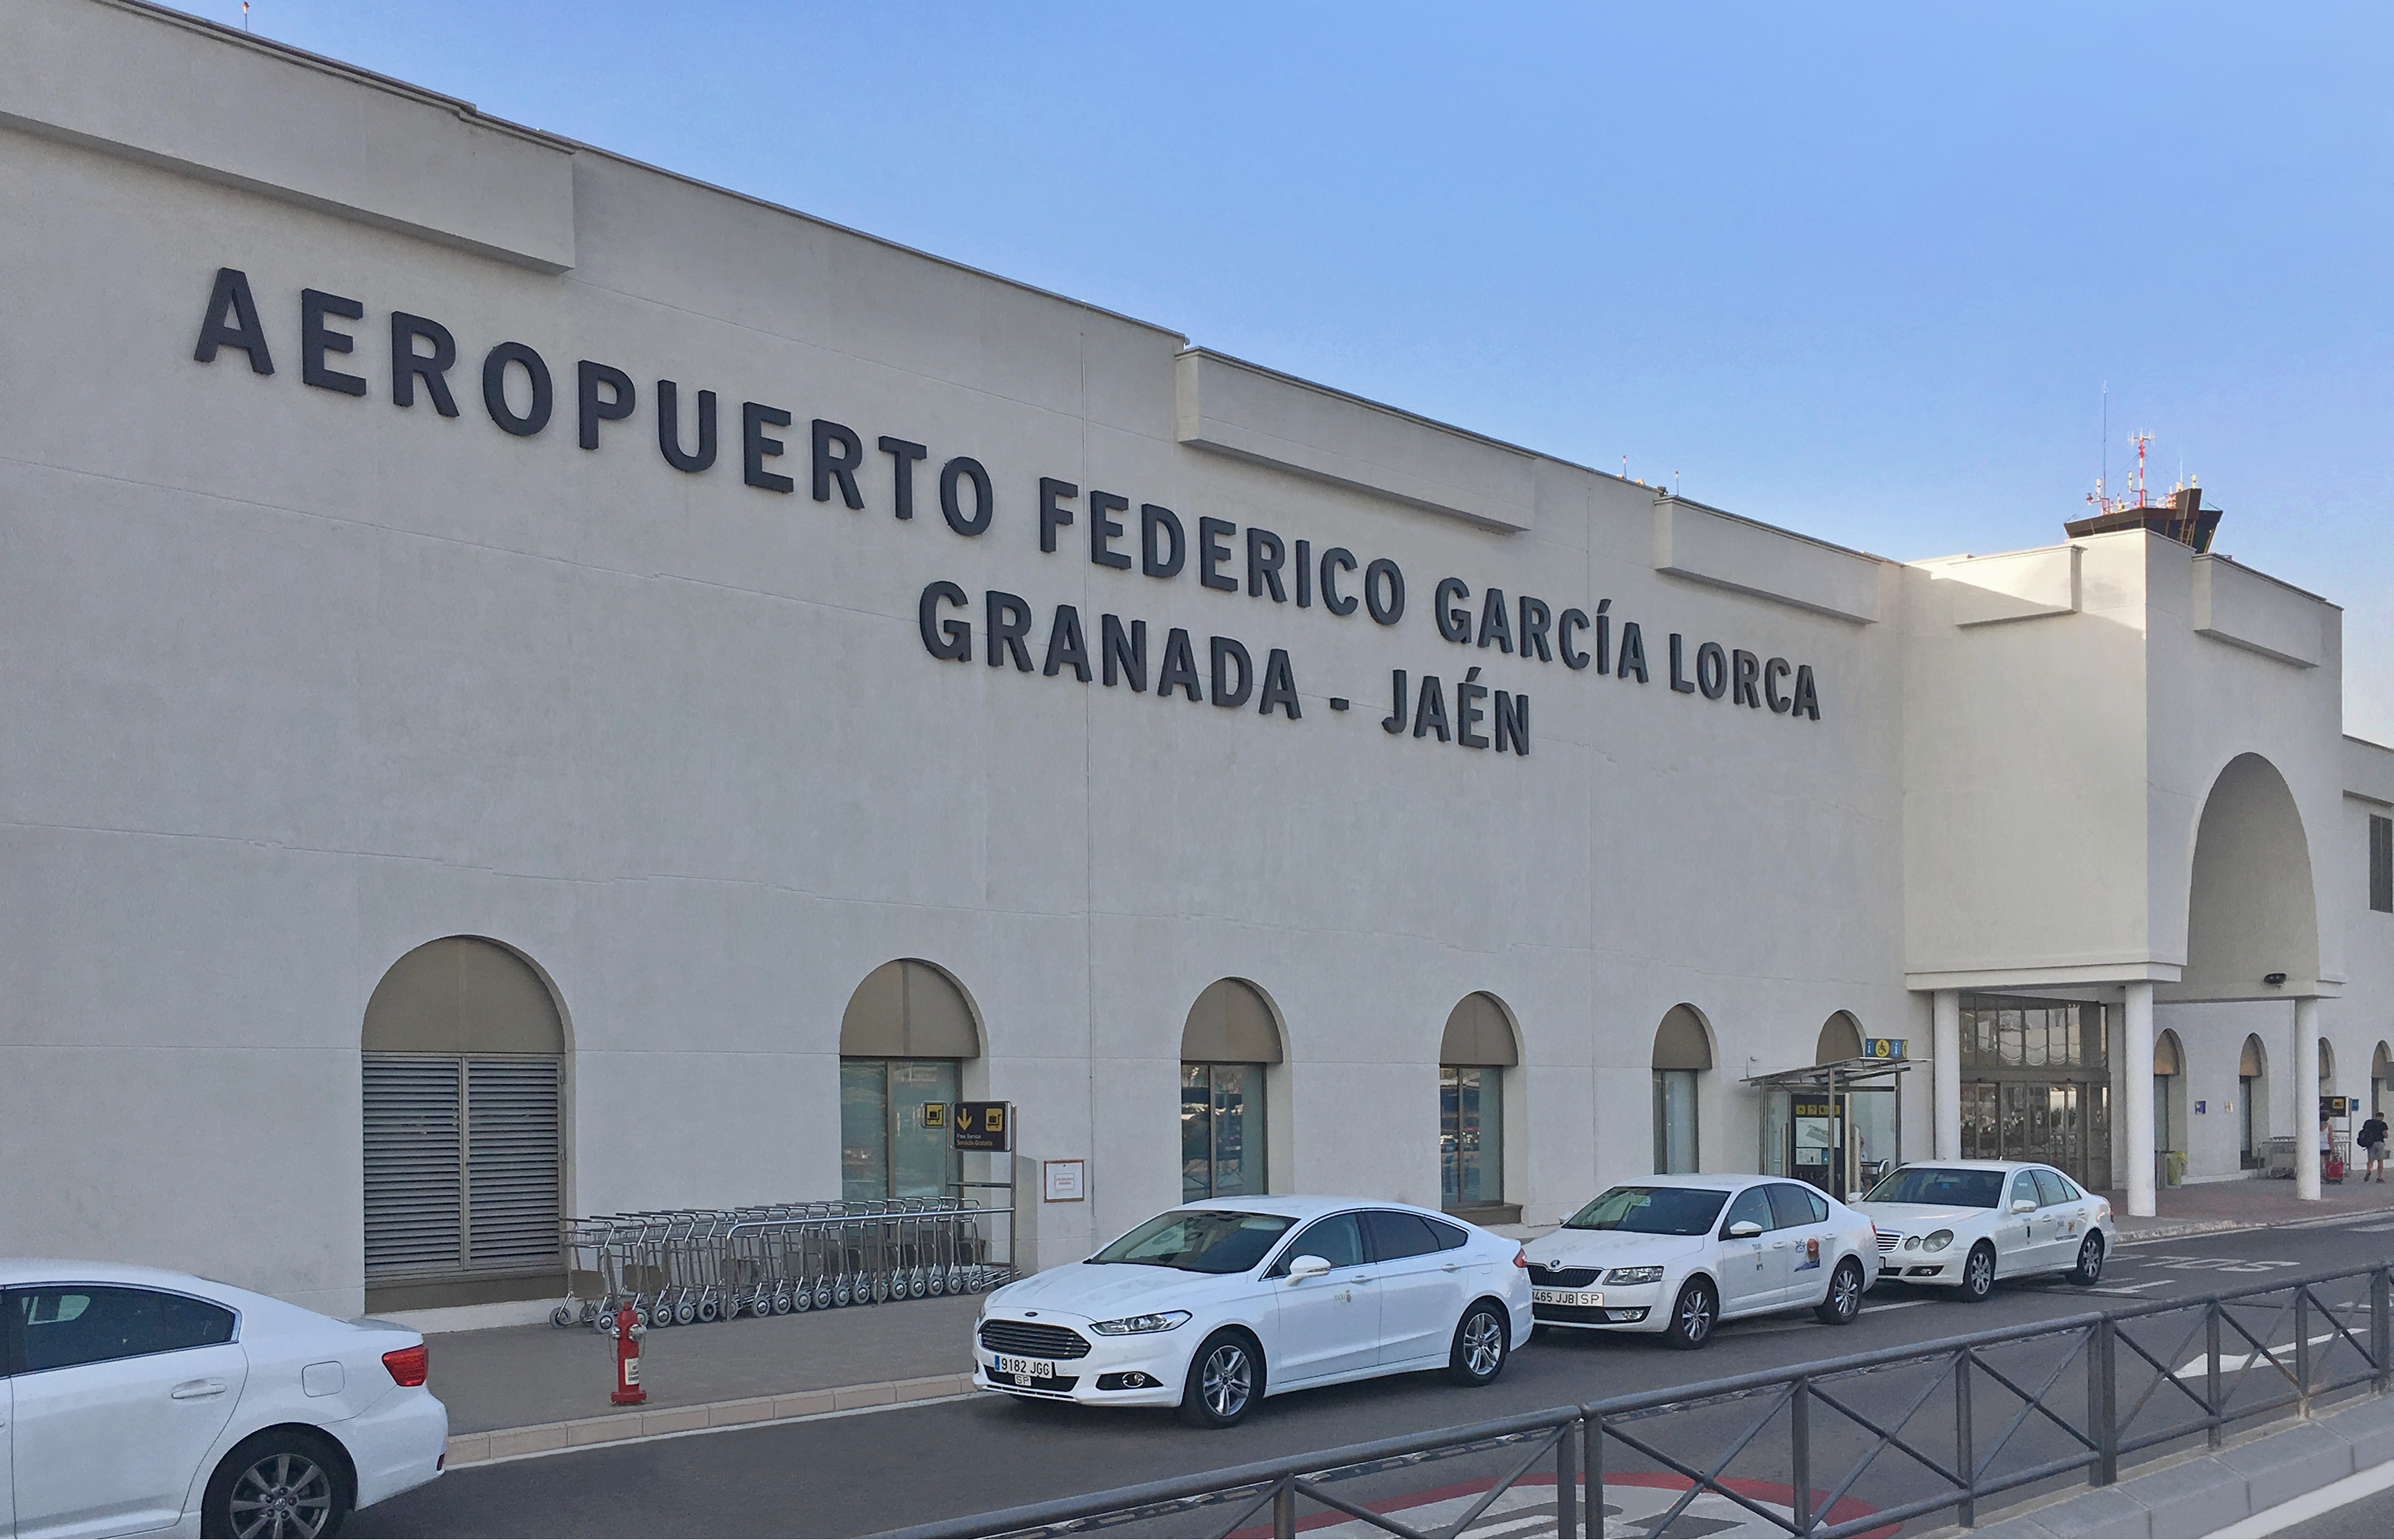 Aeropuerto Federico García Lorca Granada-Jaén - Wikipedia, la ...